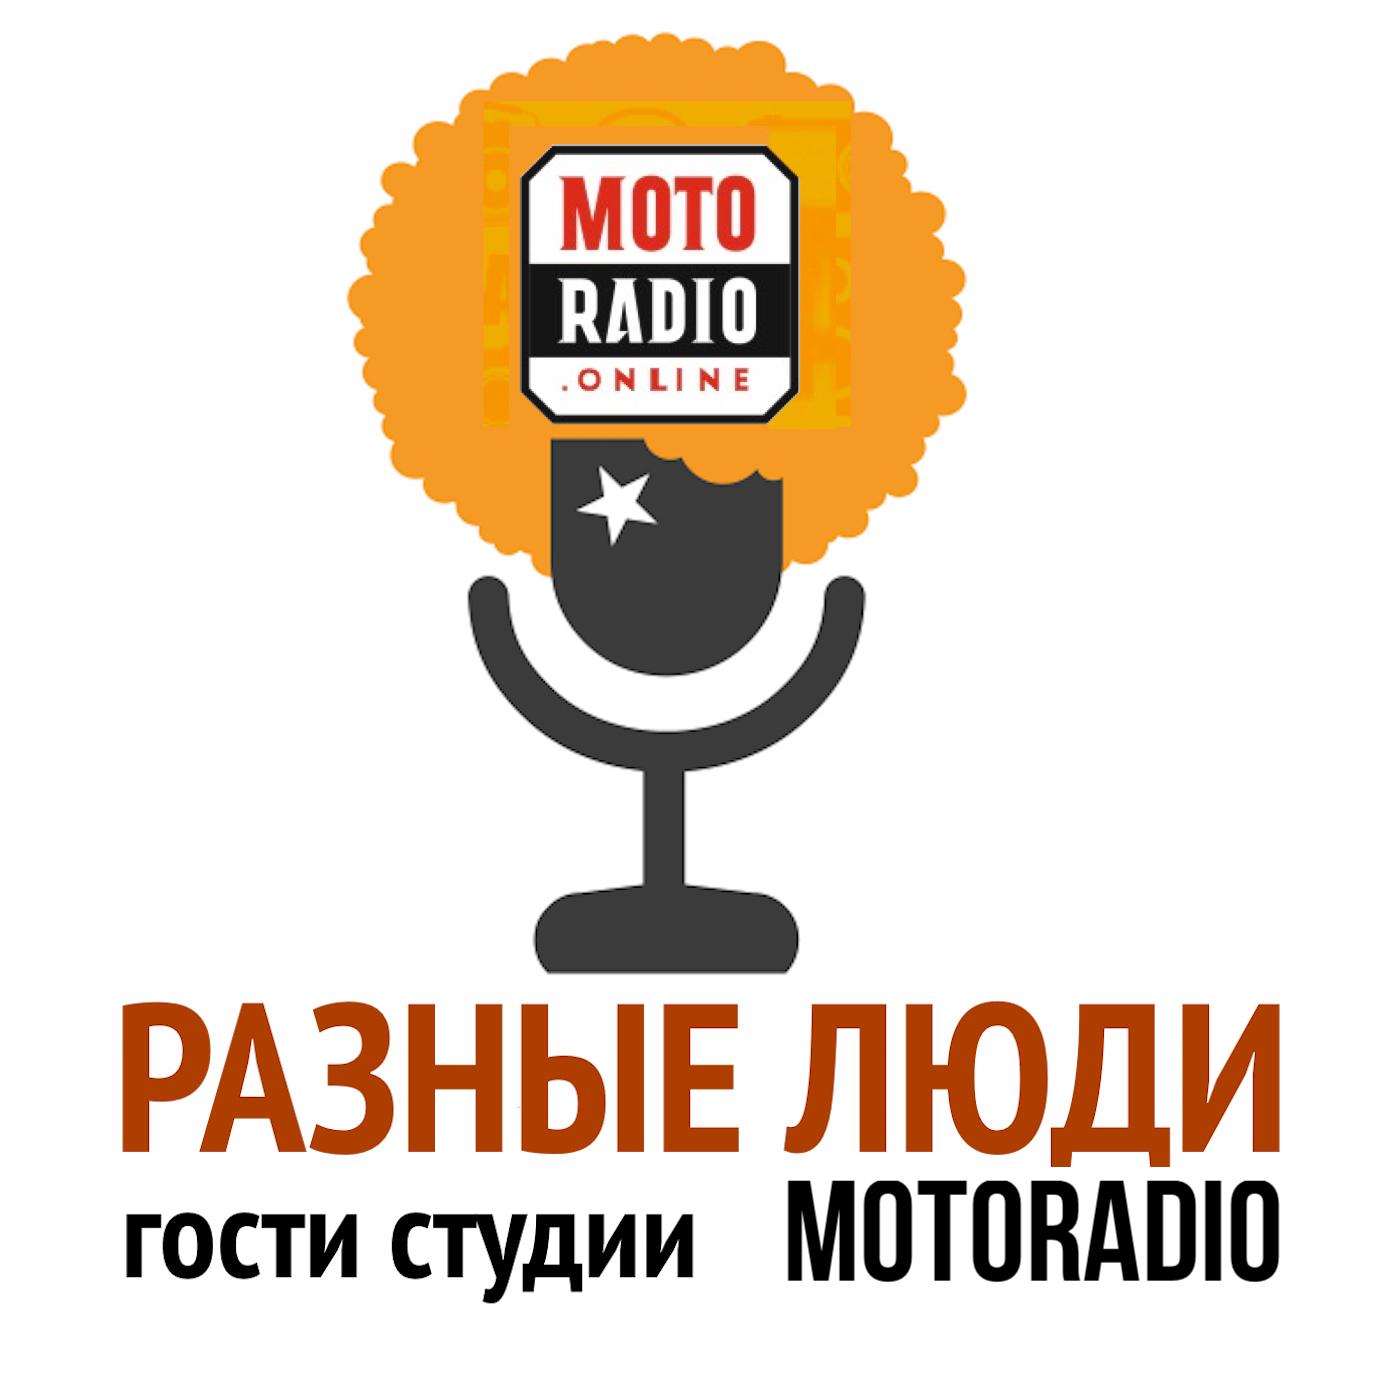 Моторадио Велосипедная жизнь в СПБ — гость студии, председатель клуба Вело-Питер